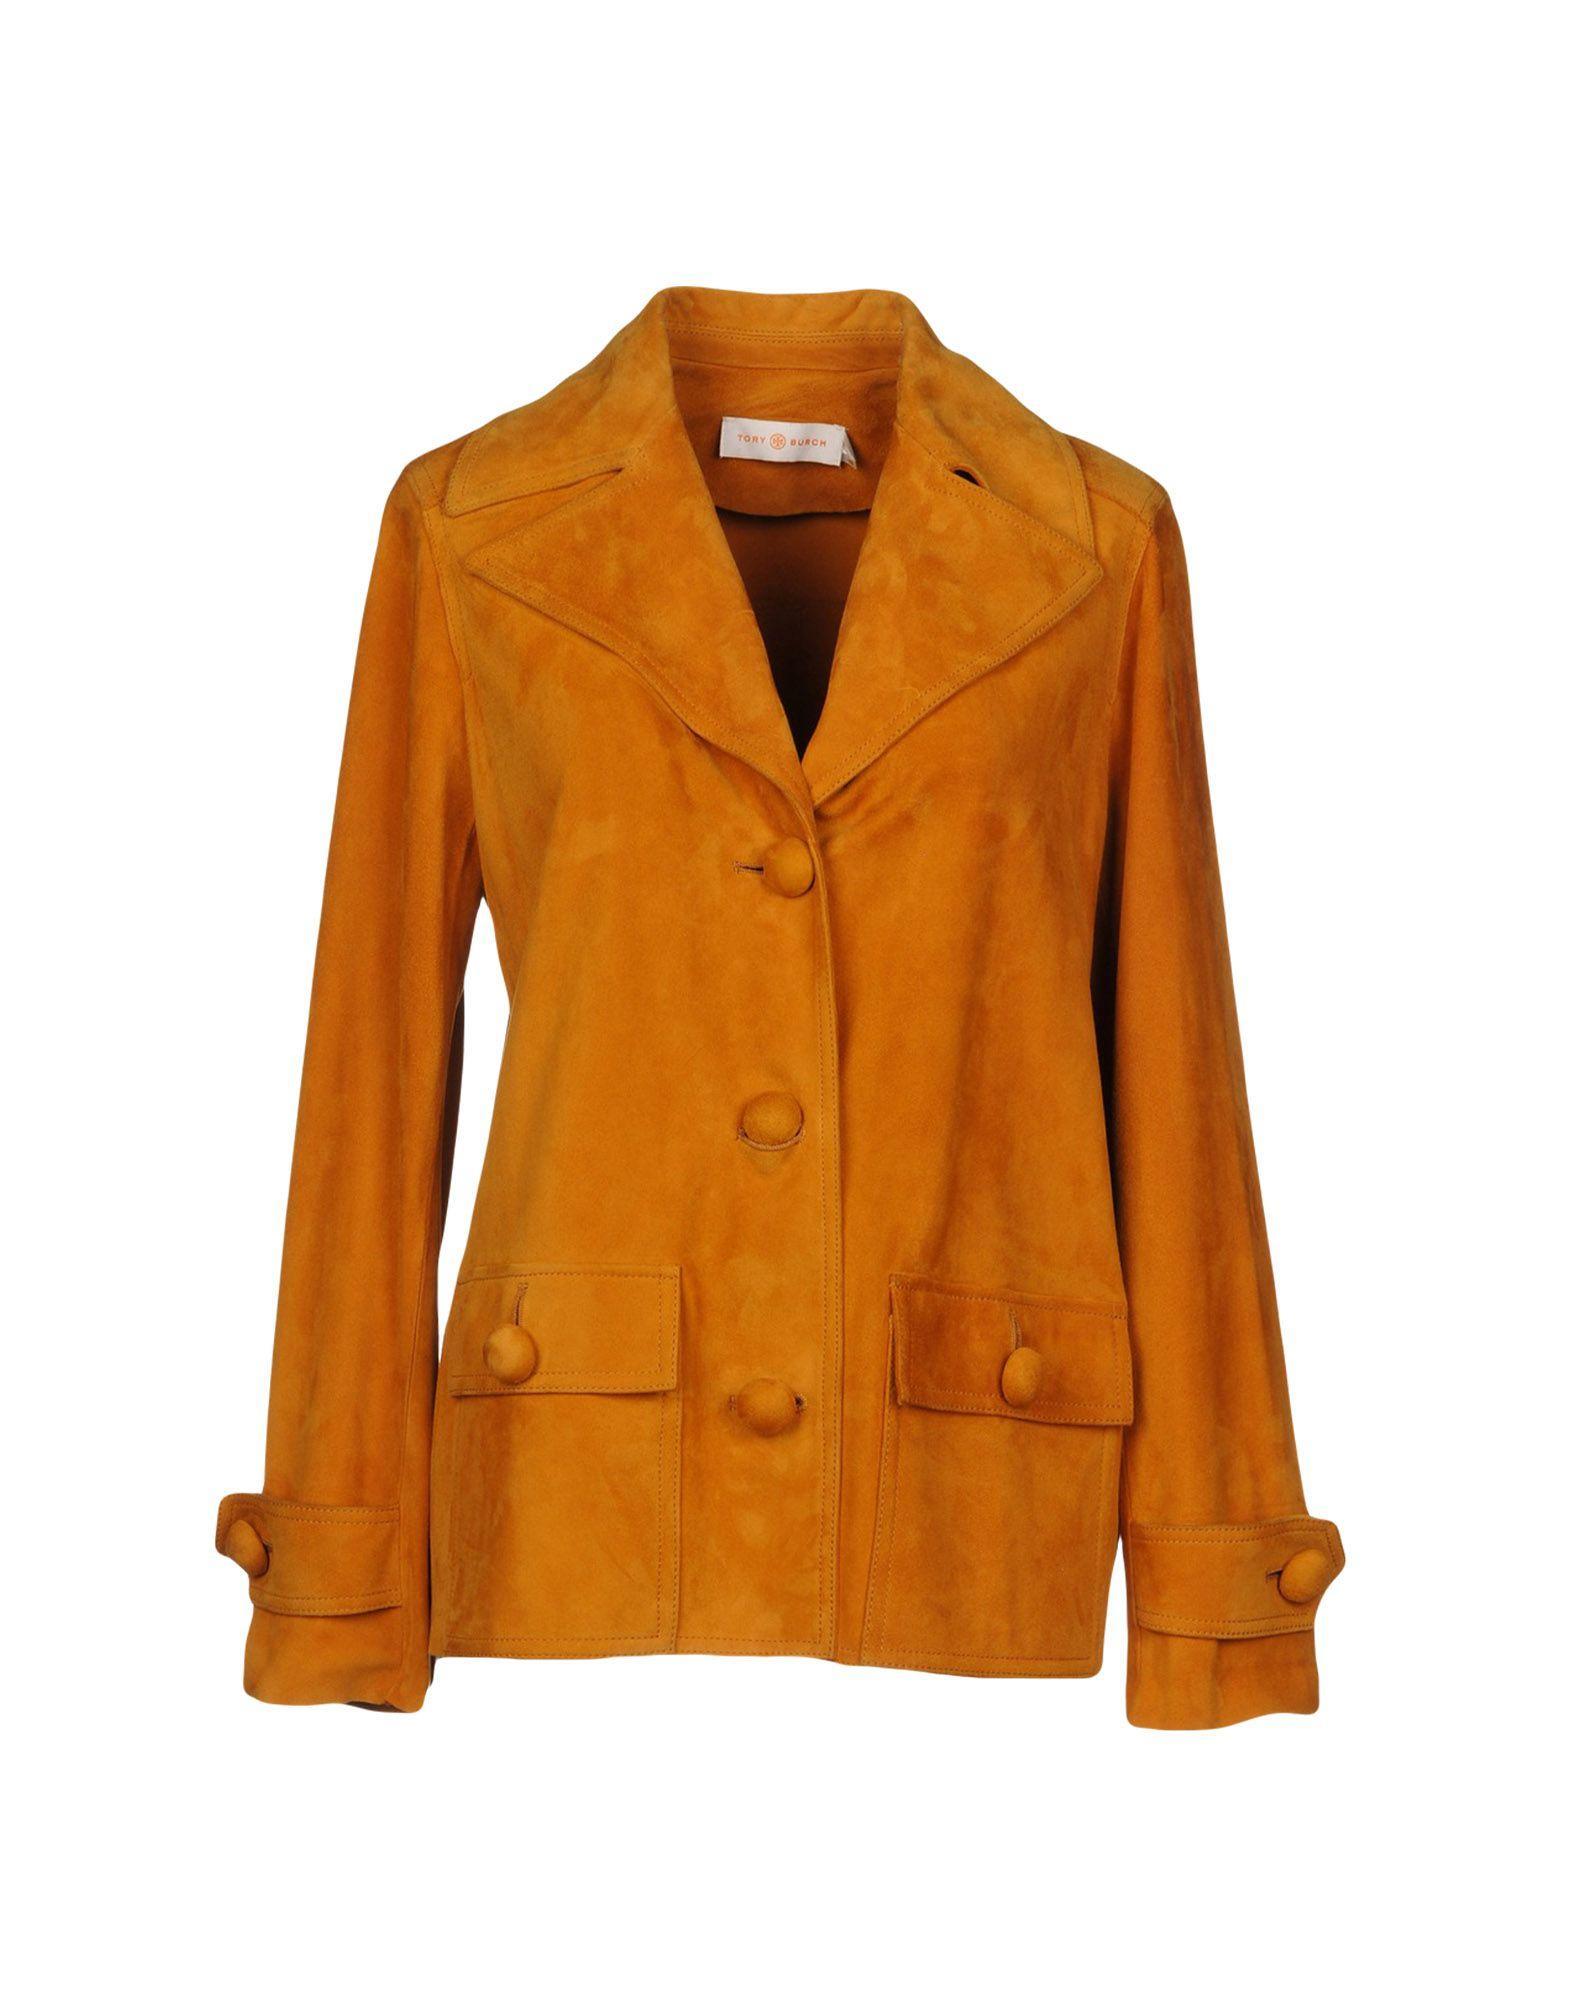 Tory Burch Leather Jacket In Ocher